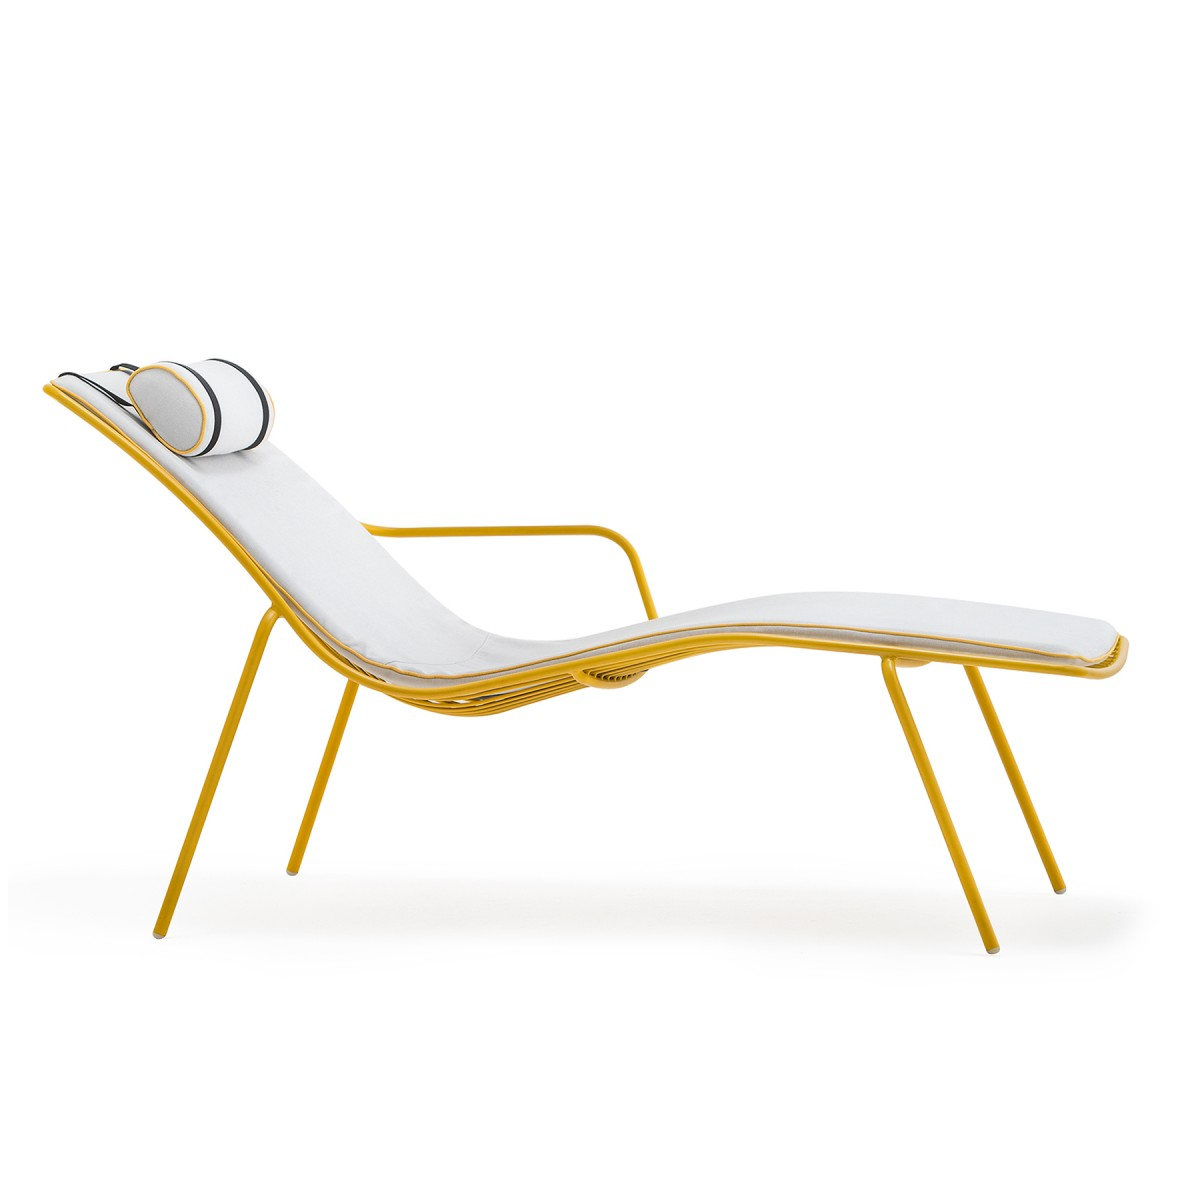 gartenliege gelb metall lounge liege gelb sonnenliege gelb metall liege gelb liegen. Black Bedroom Furniture Sets. Home Design Ideas